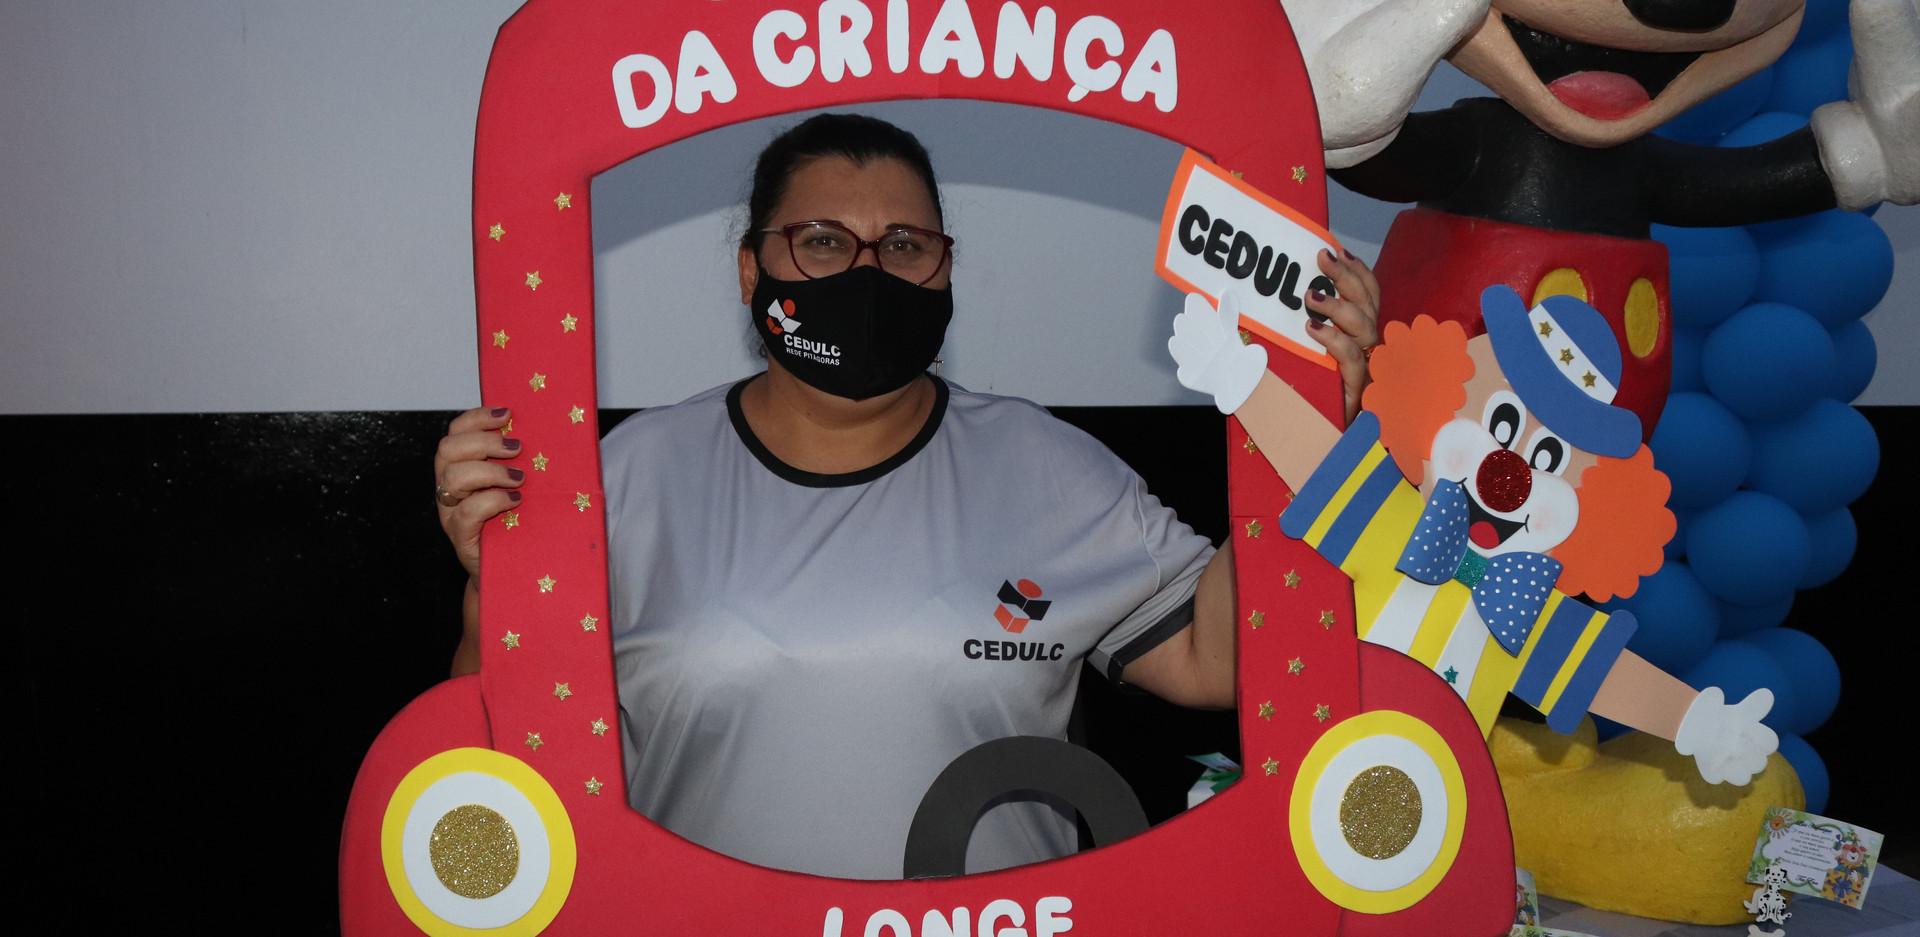 SEMANA DA CRIANCA NO CEDULC (150).JPG